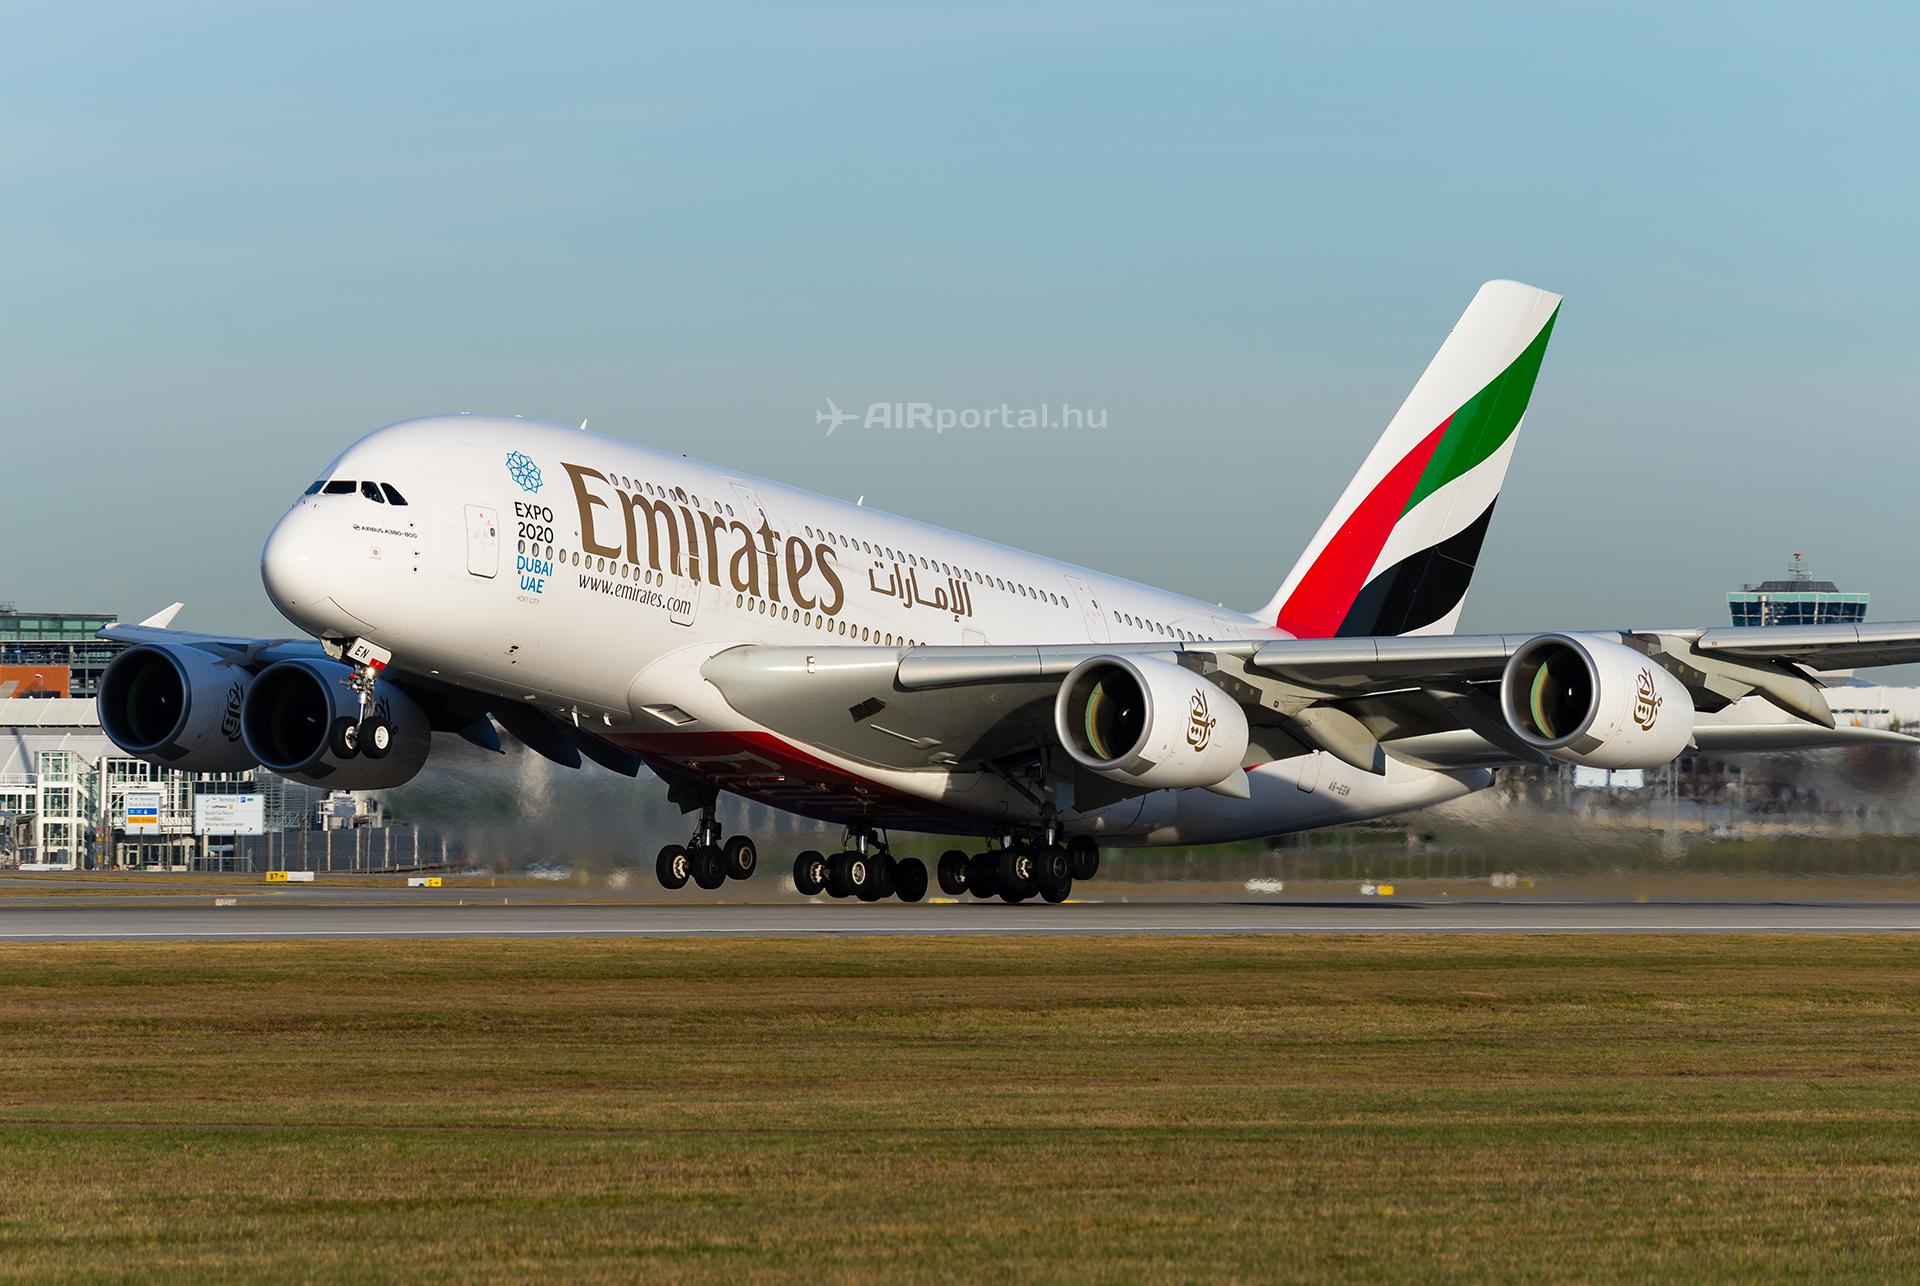 Már 75 A380-as repül az Emiratesnél (Fotó: AIRportal.hu) | © AIRportal.hu